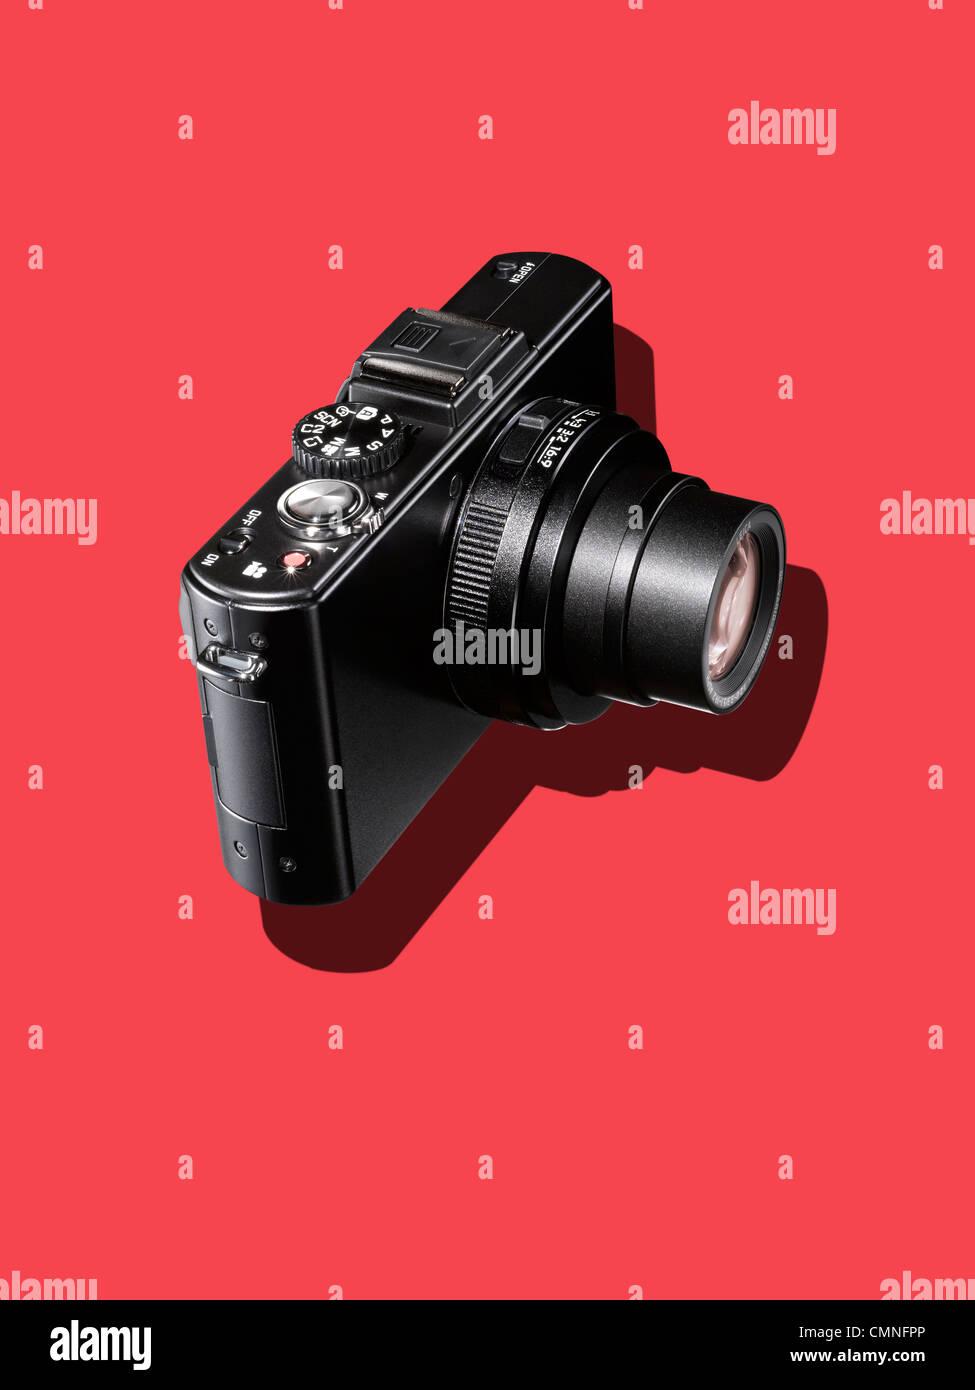 Un appareil photo noir sur fond rouge Photo Stock